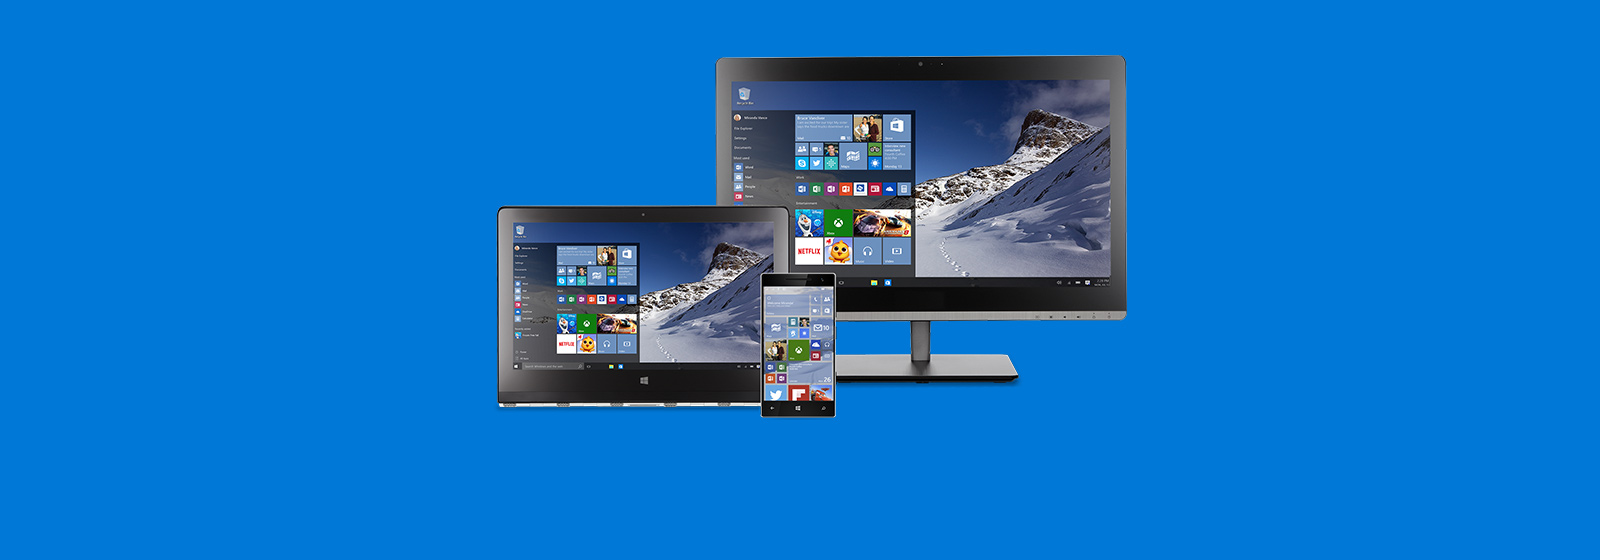 Windows 10 er á leiðinni. Frekari upplýsingar.